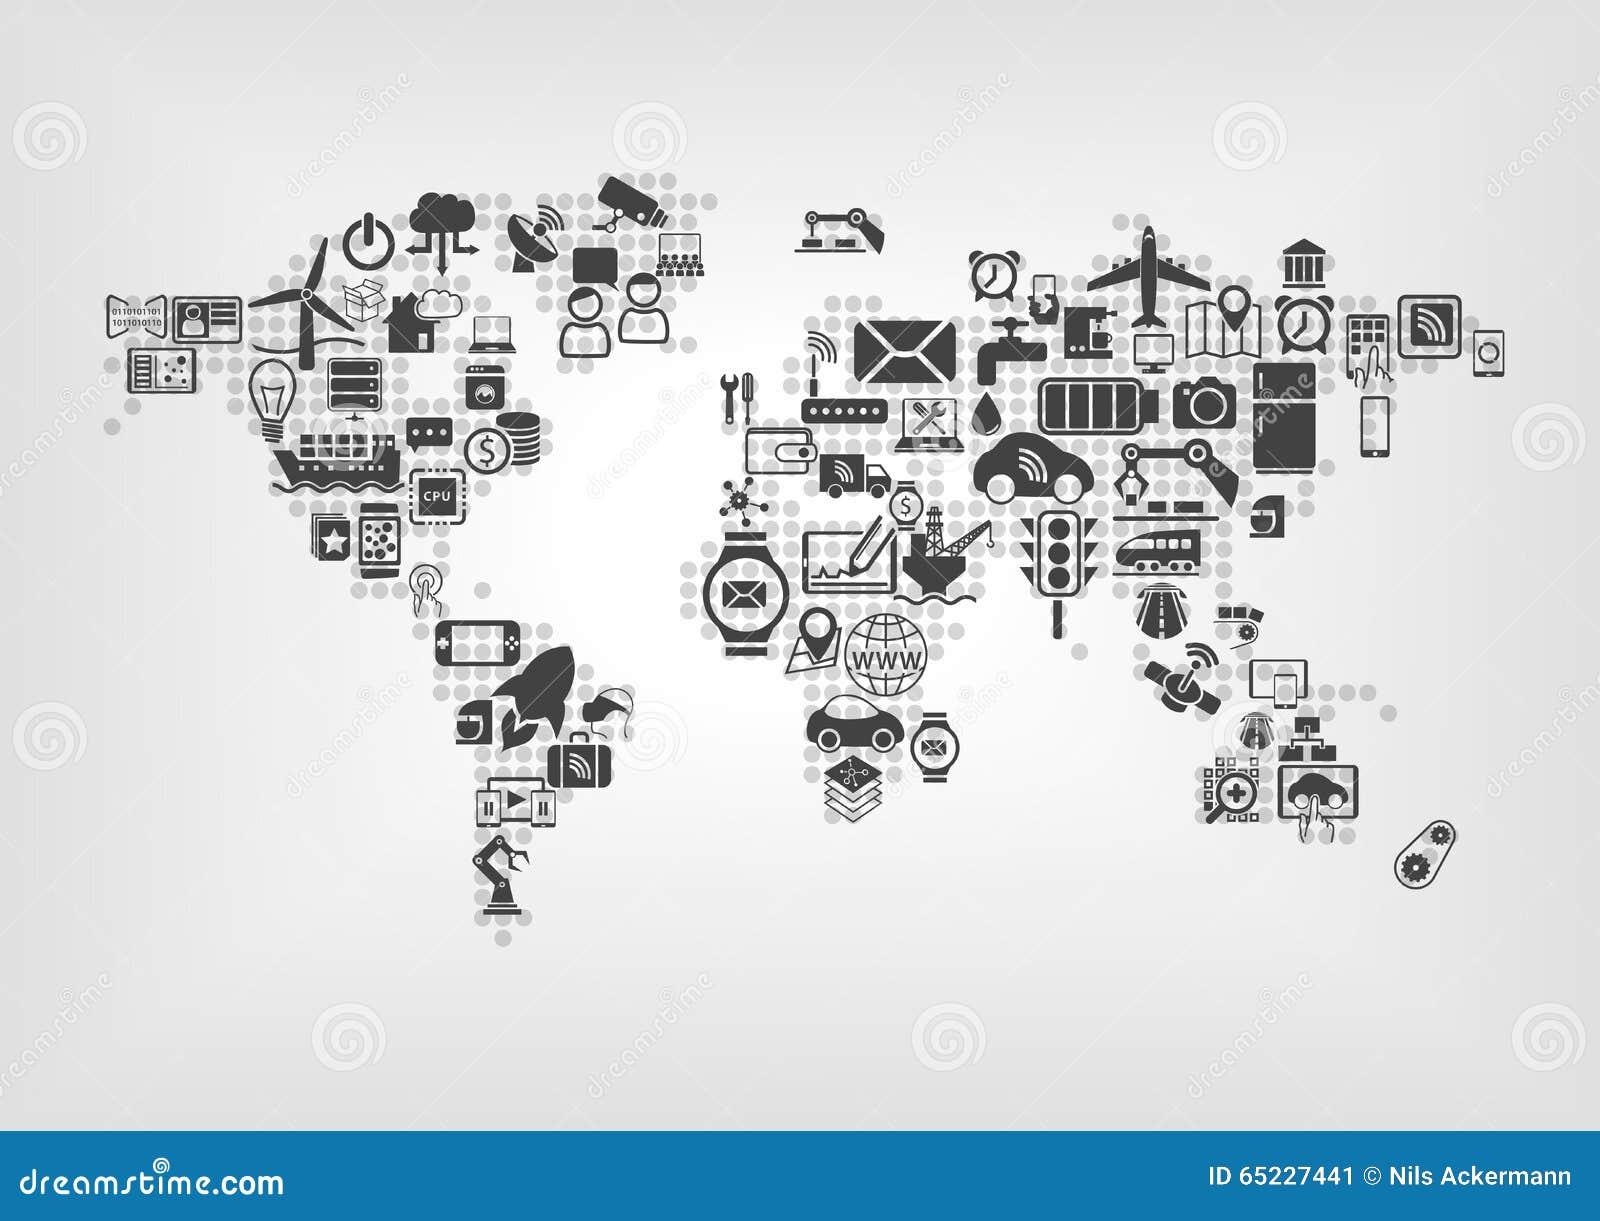 事(IOT)和全球性连通性概念互联网  被连接的巧妙的设备世界地图